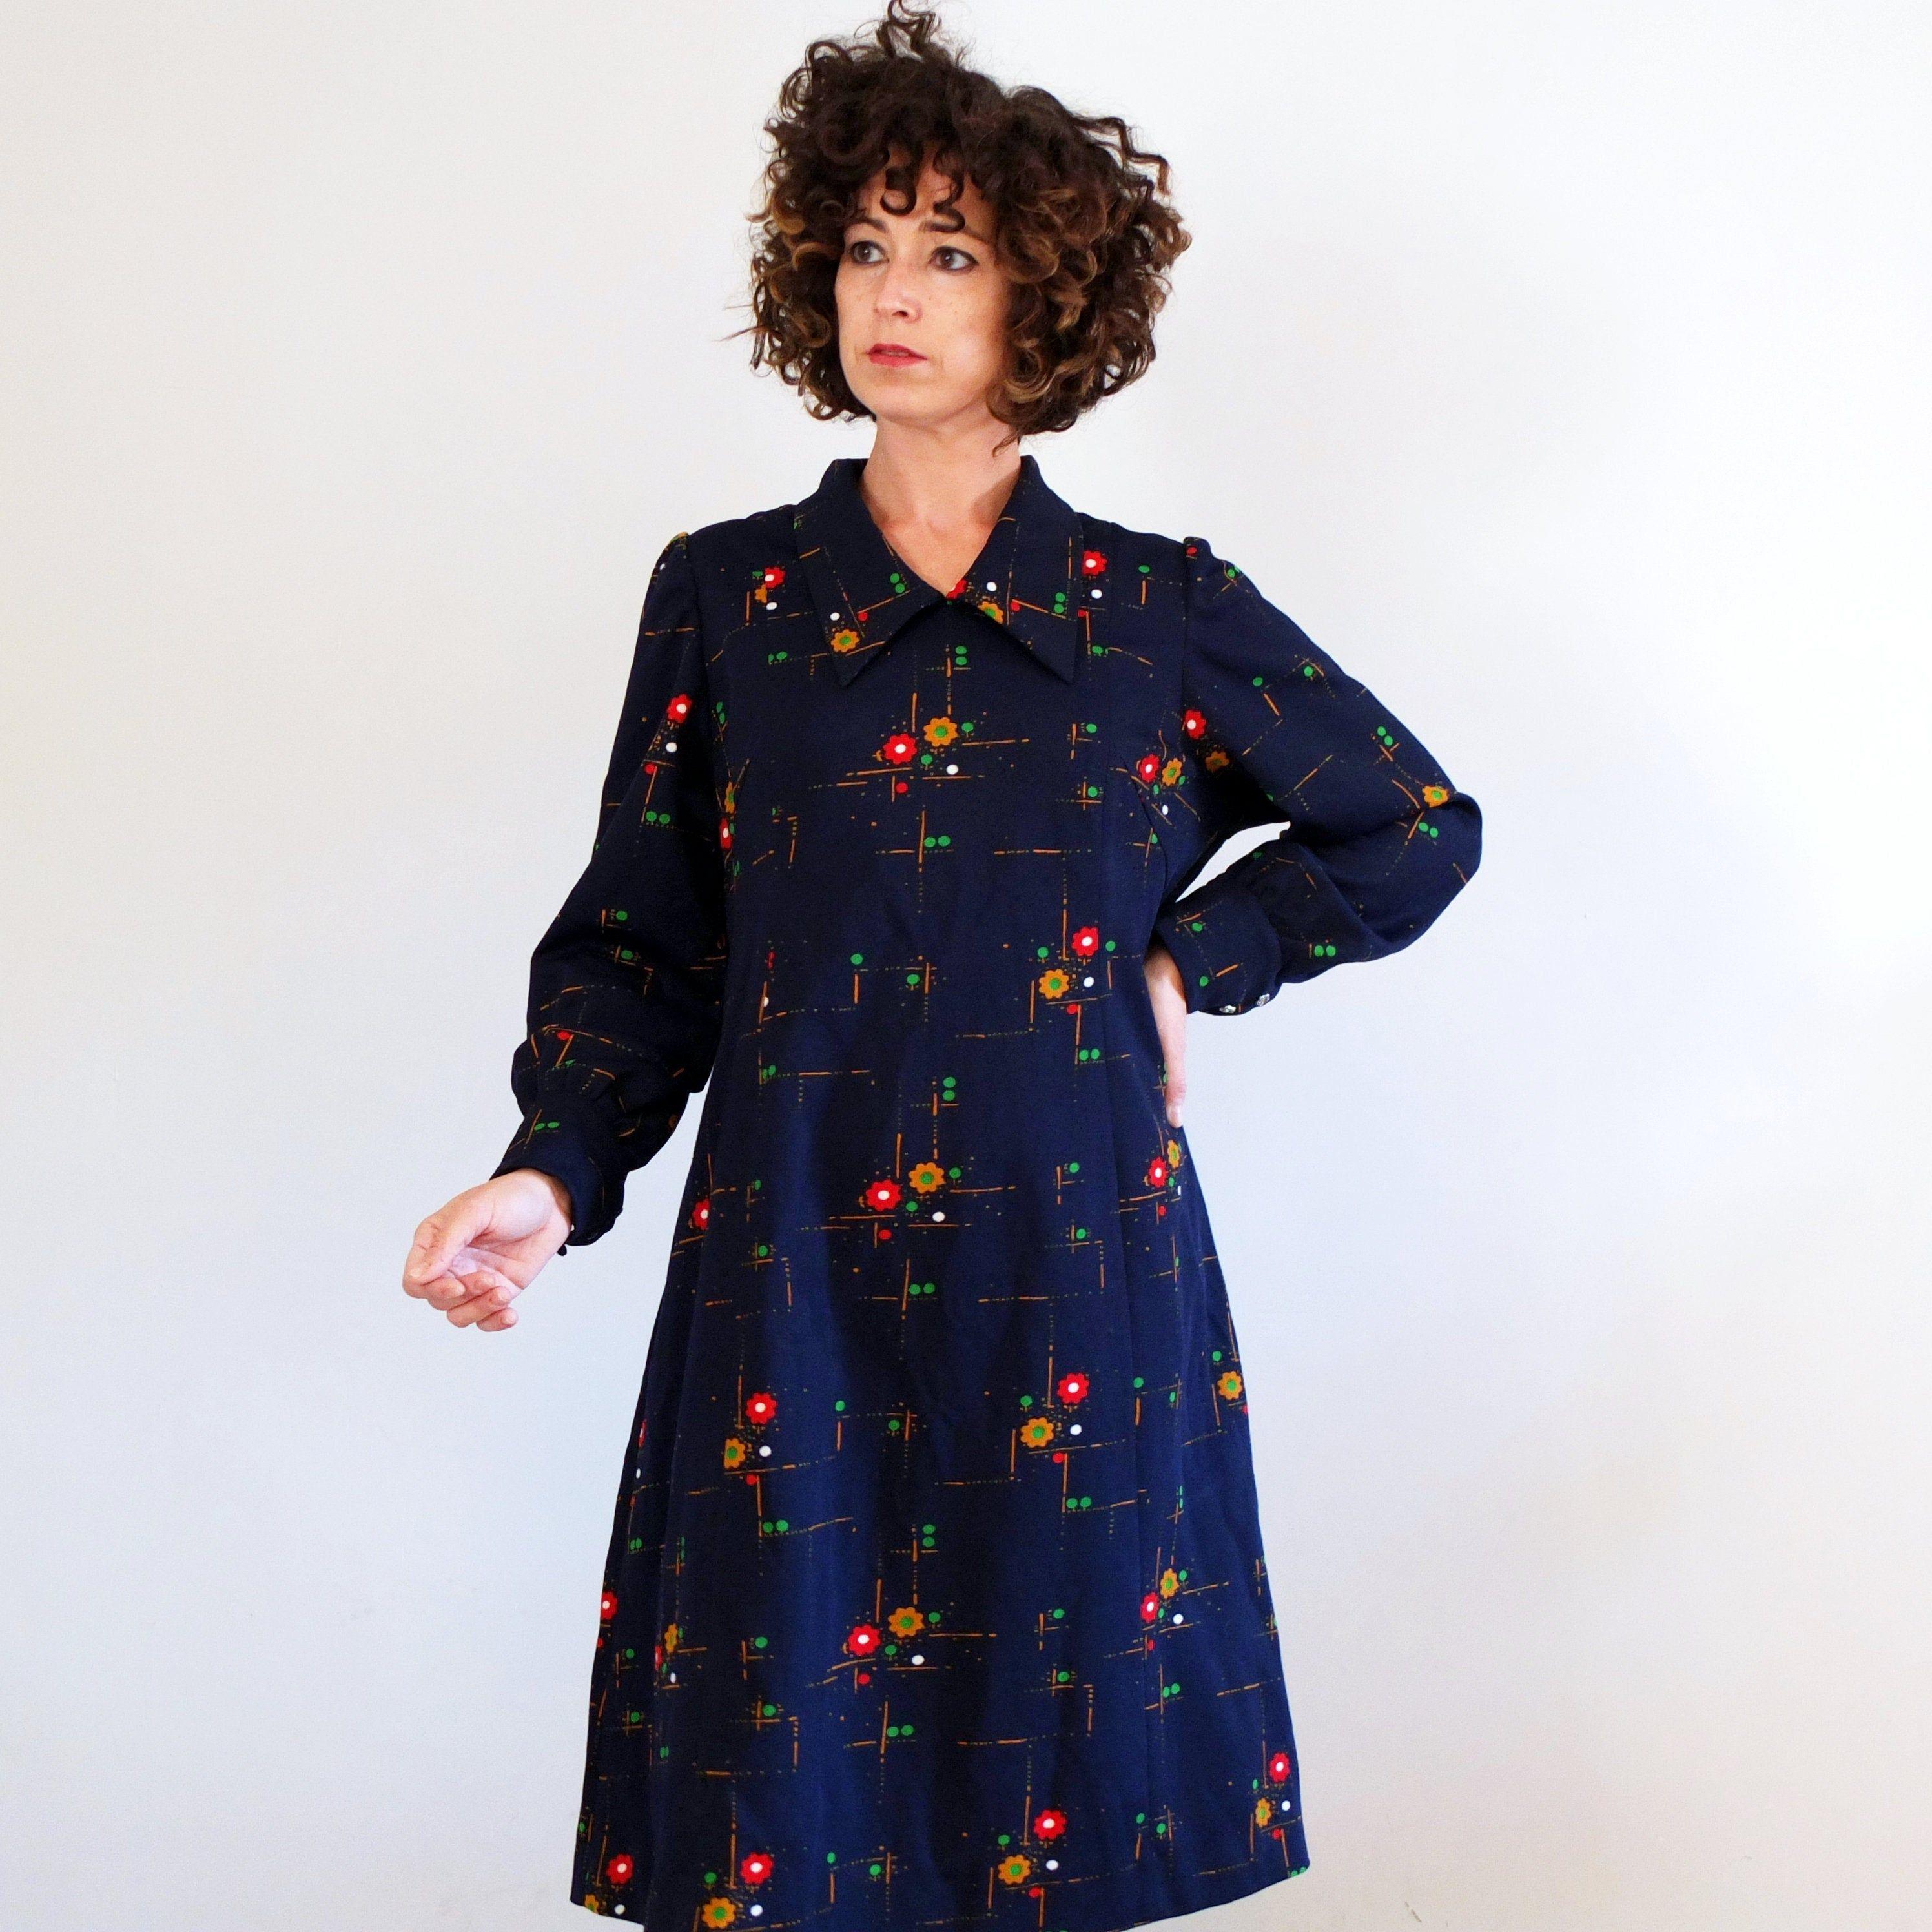 Vintage 70s Mod Shift Dress Plus Size Vintage Retro Dress Xl Etsy Retro Vintage Dresses Casual Day Dresses Retro Dress [ 2992 x 2992 Pixel ]